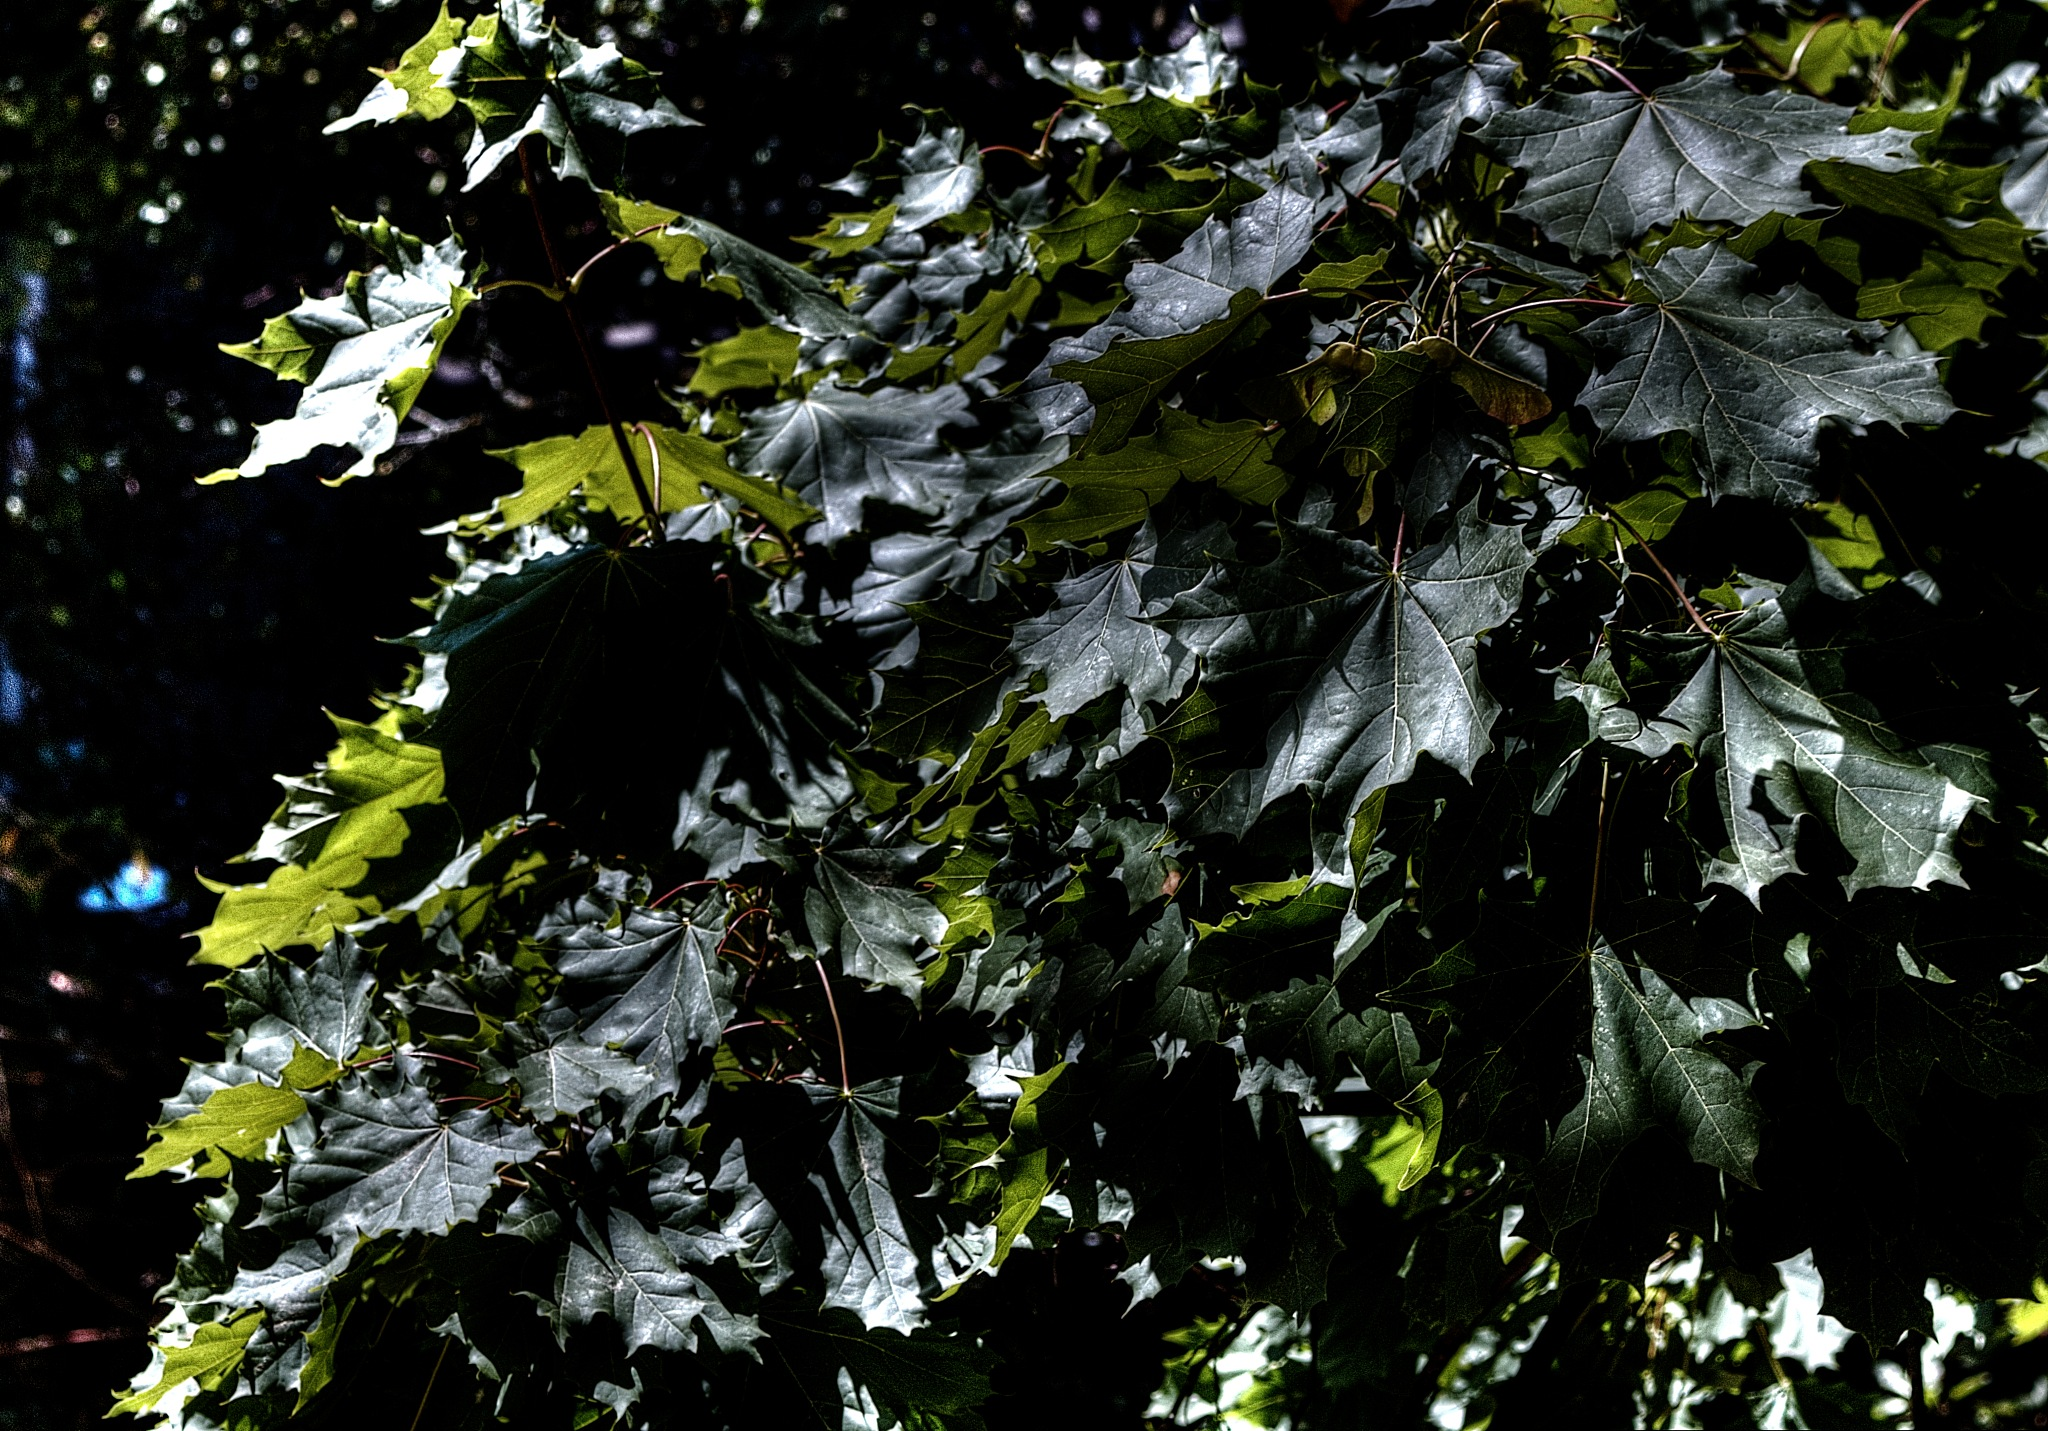 Acer platanoides by zvnktomasevic